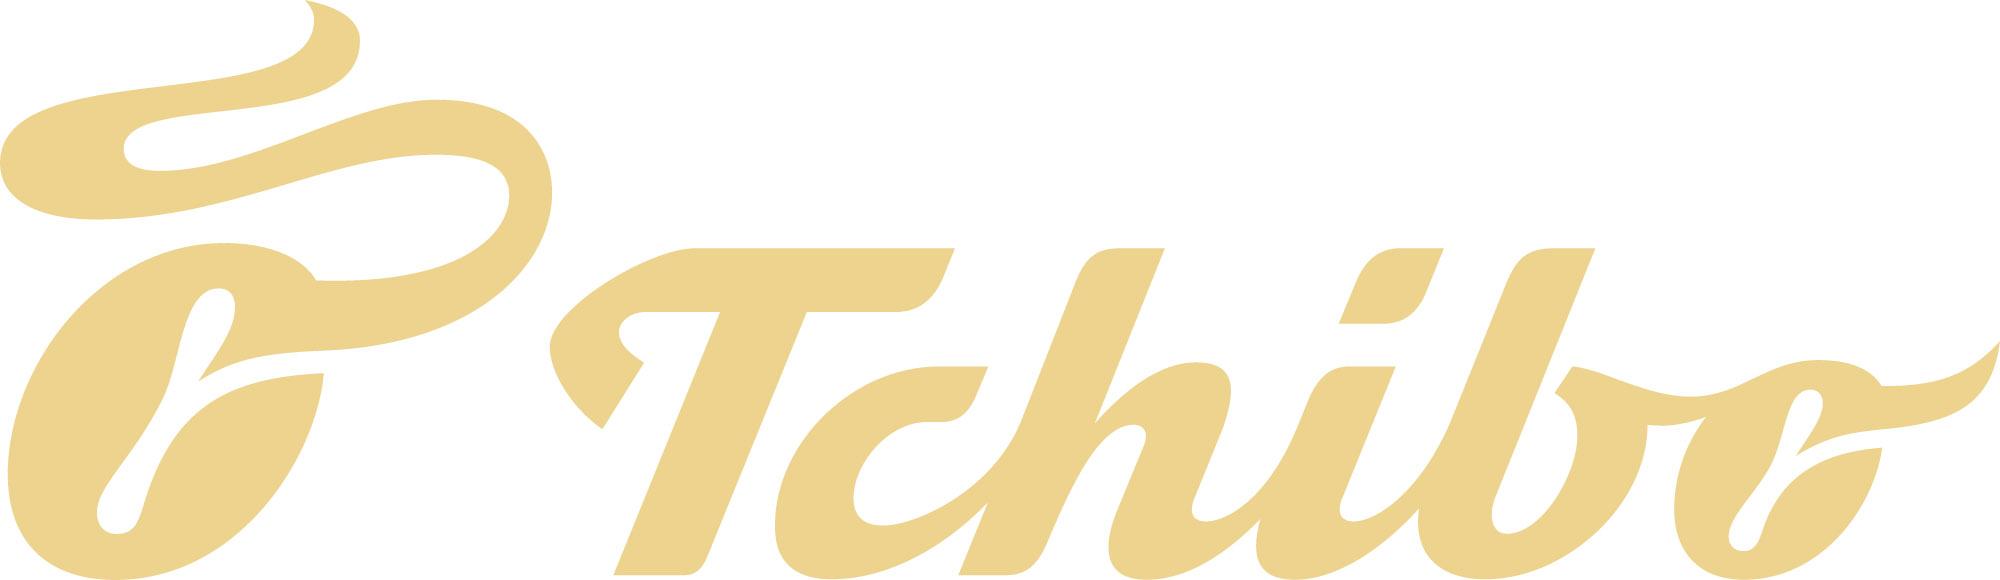 Entdecke bei Tchibo alles für den perfekten Sommertag! - Sponsor logo